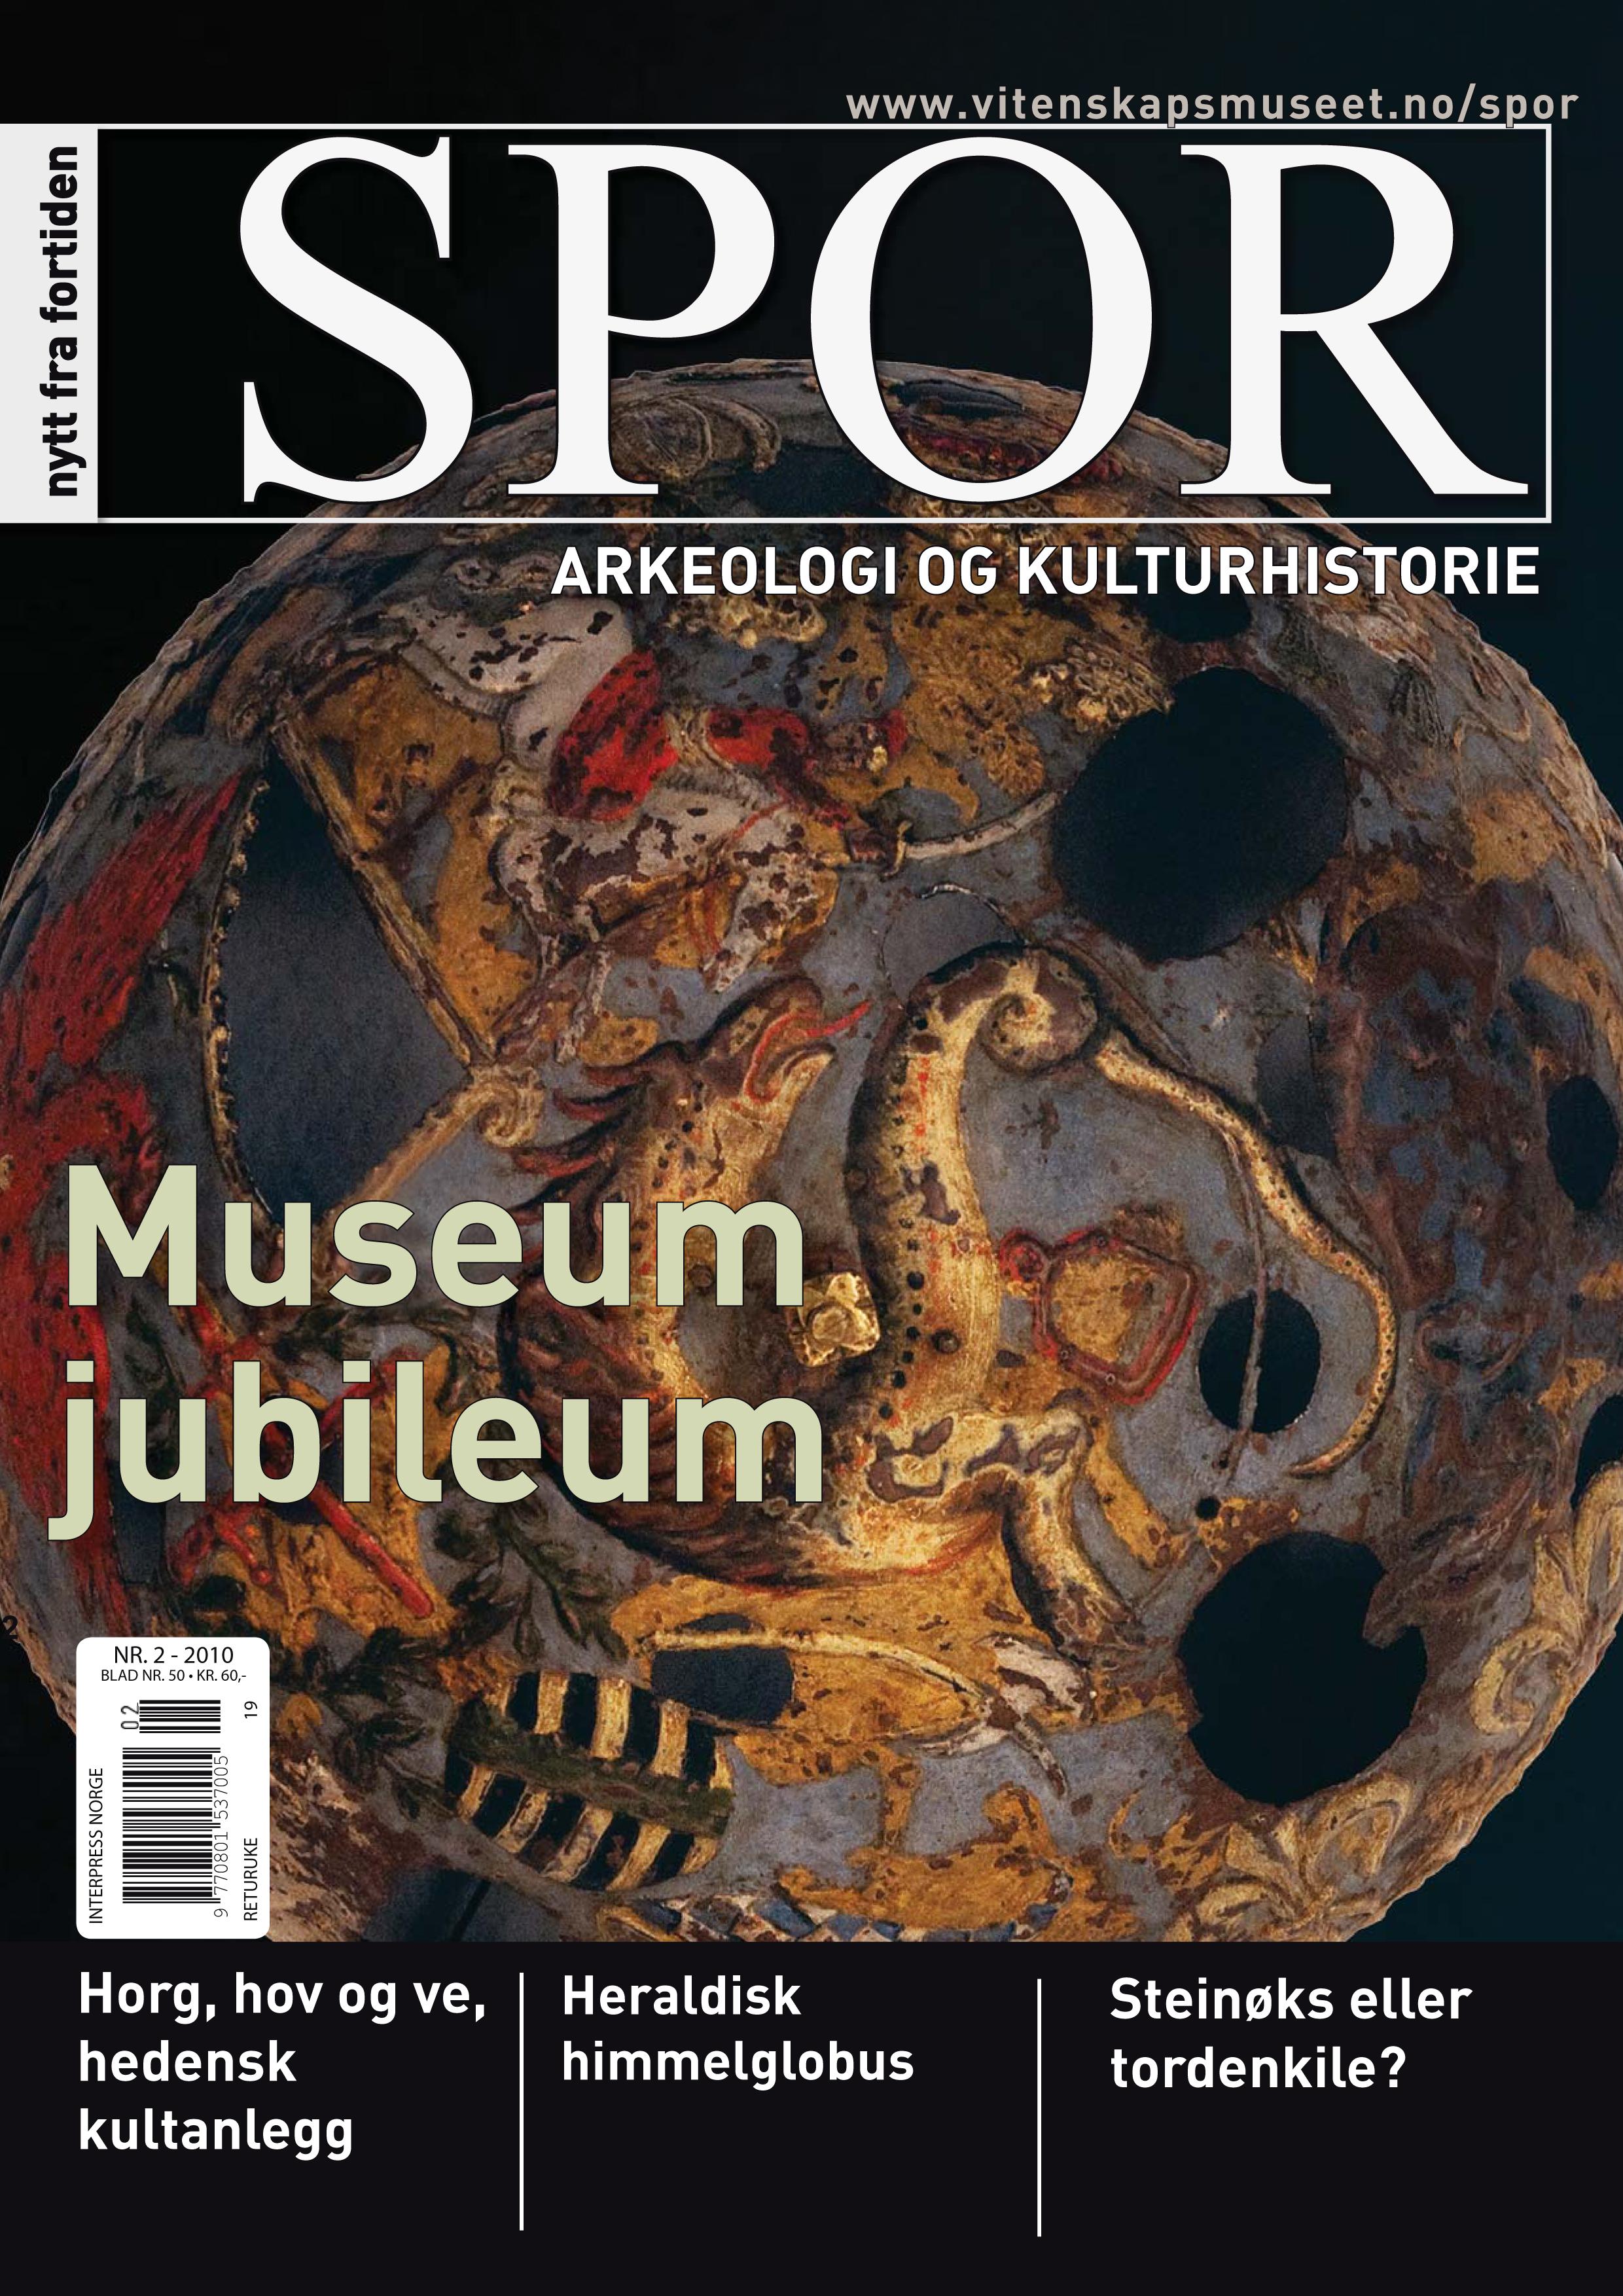 Forside Spor 2-2010.